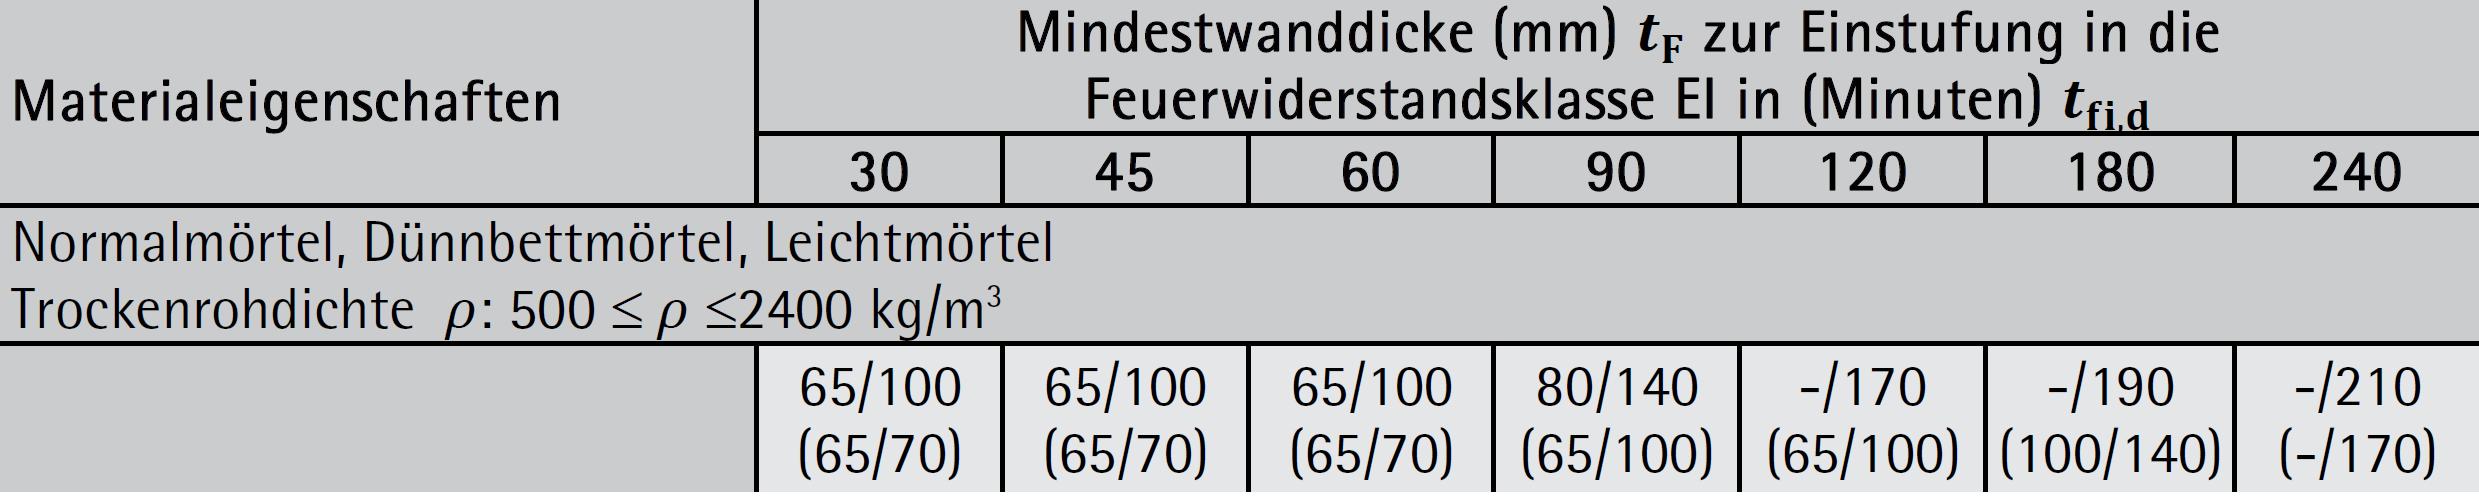 Ziegelmauerwerk – Gruppen 1S, 1, 2, 3, 4: Kriterium EI